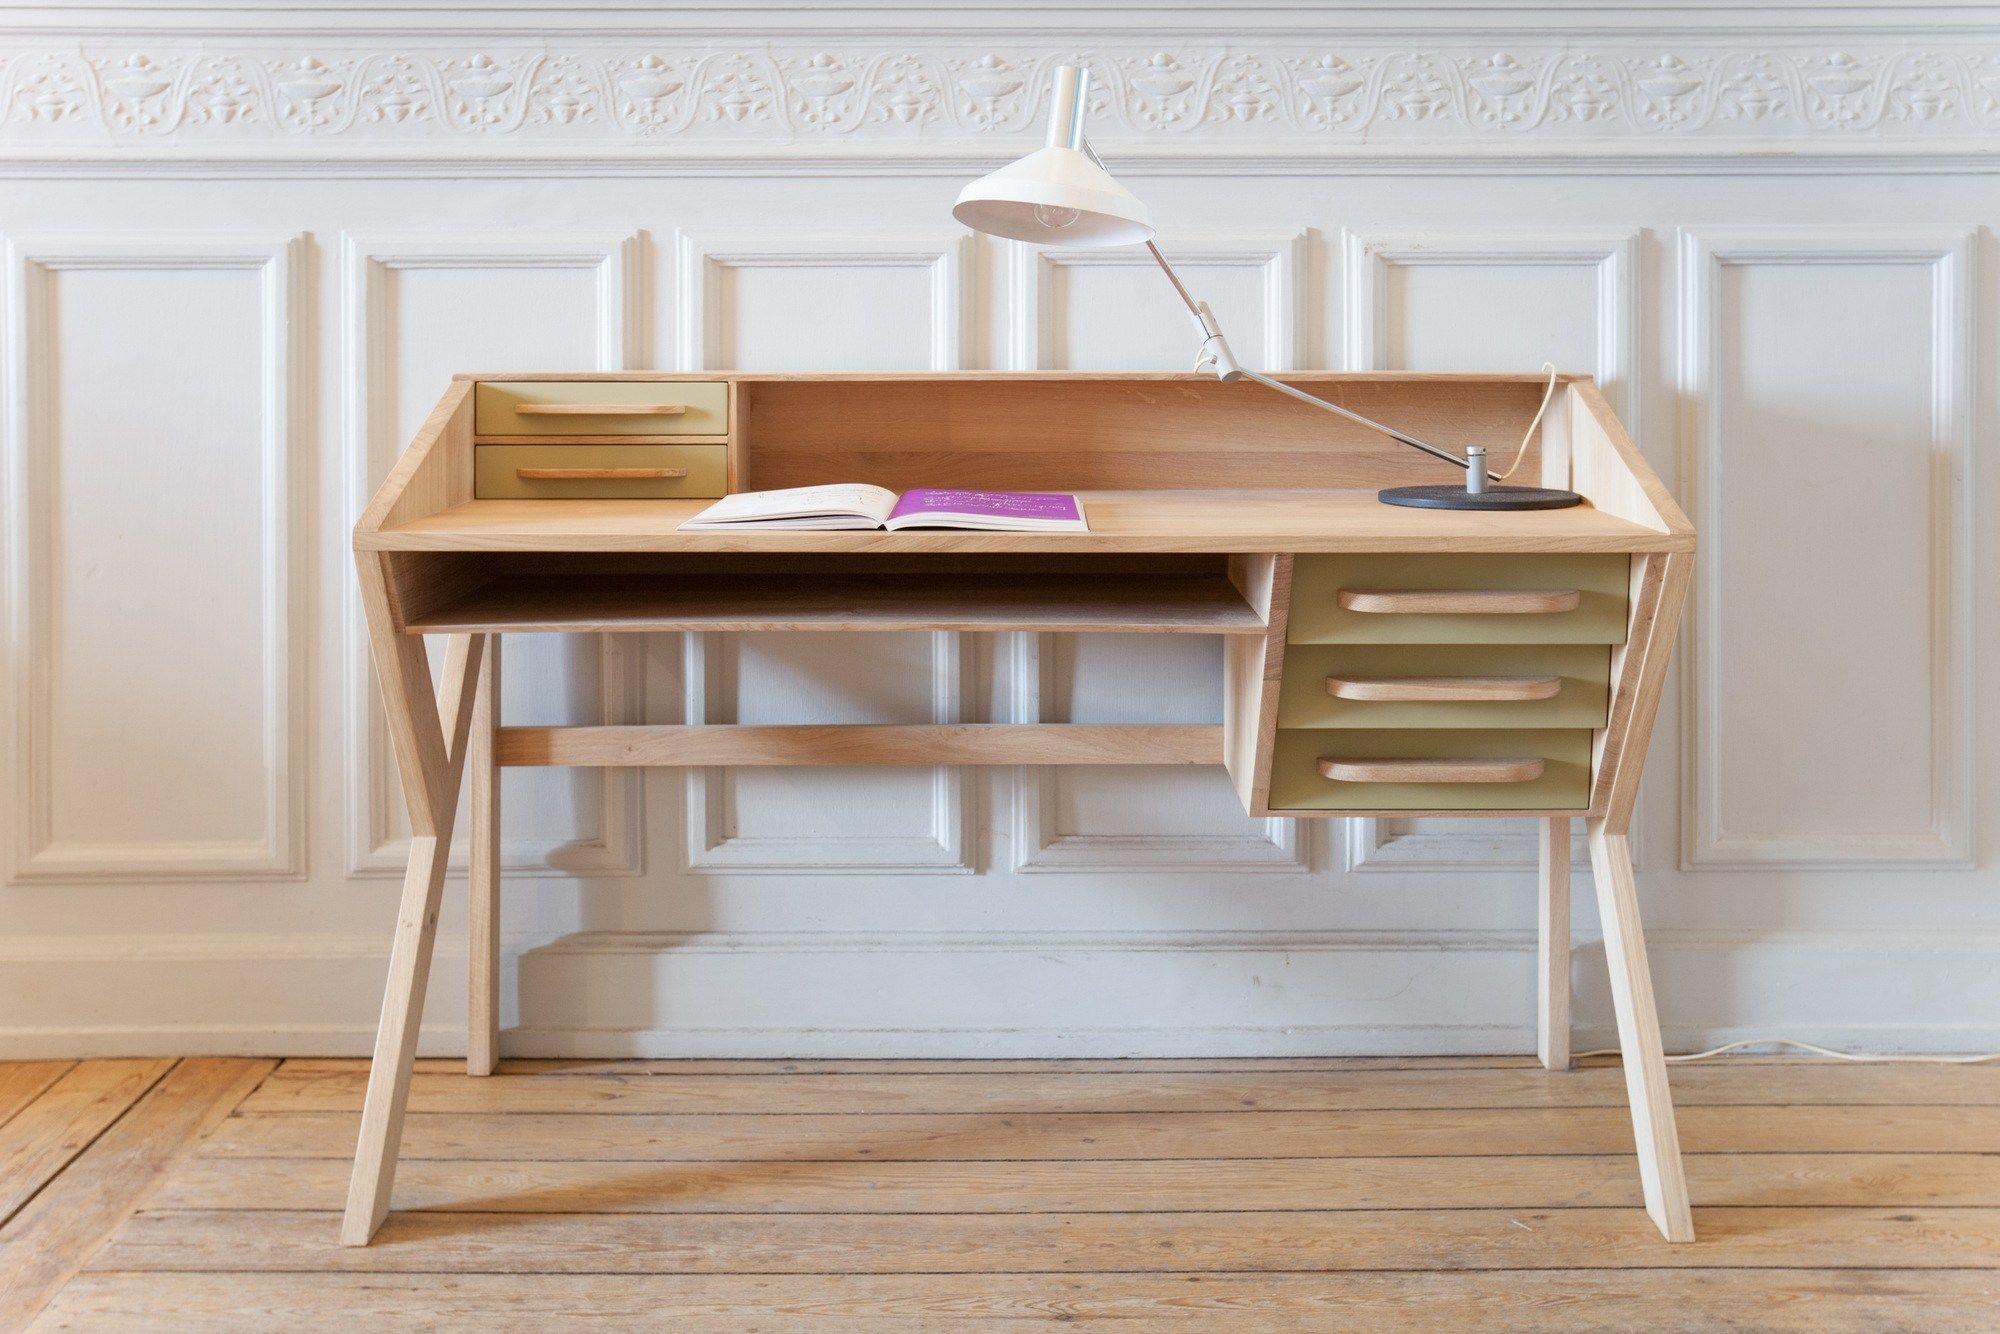 Épinglé par marie pier lacasse sur bois pinterest bureau bureau